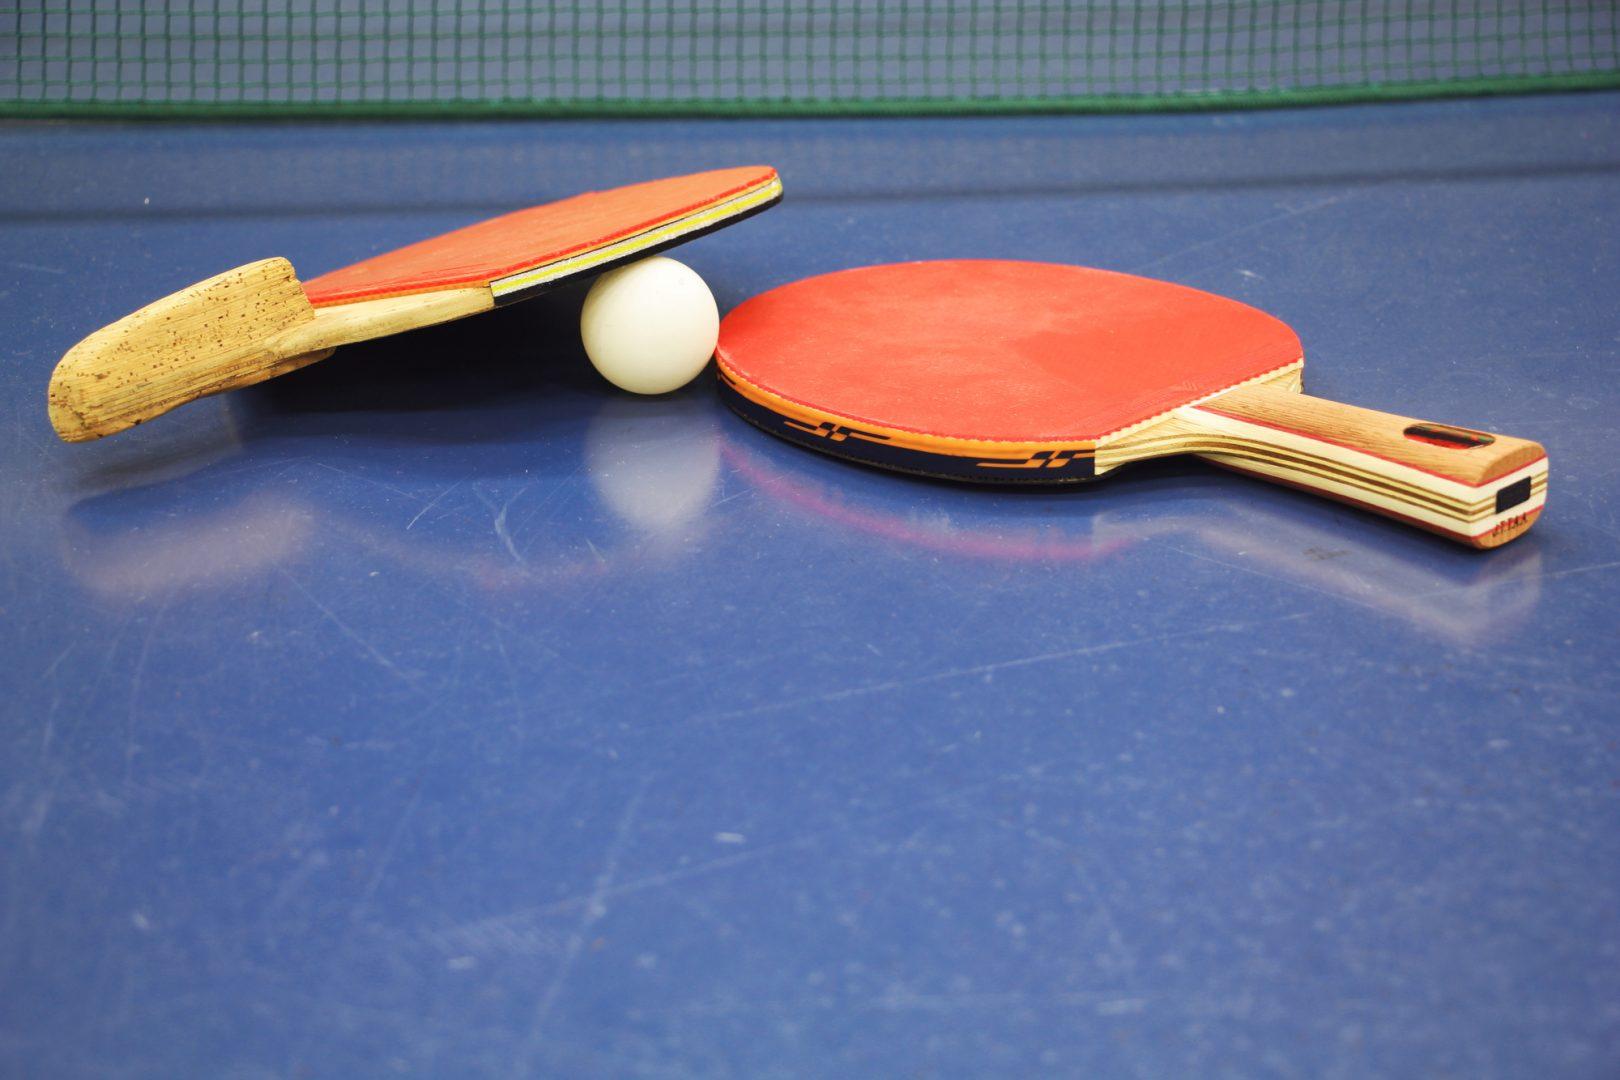 【卓球】粘着ラバーの特徴は?効果的な戦術を解説 おすすめの粘着ラバーも紹介